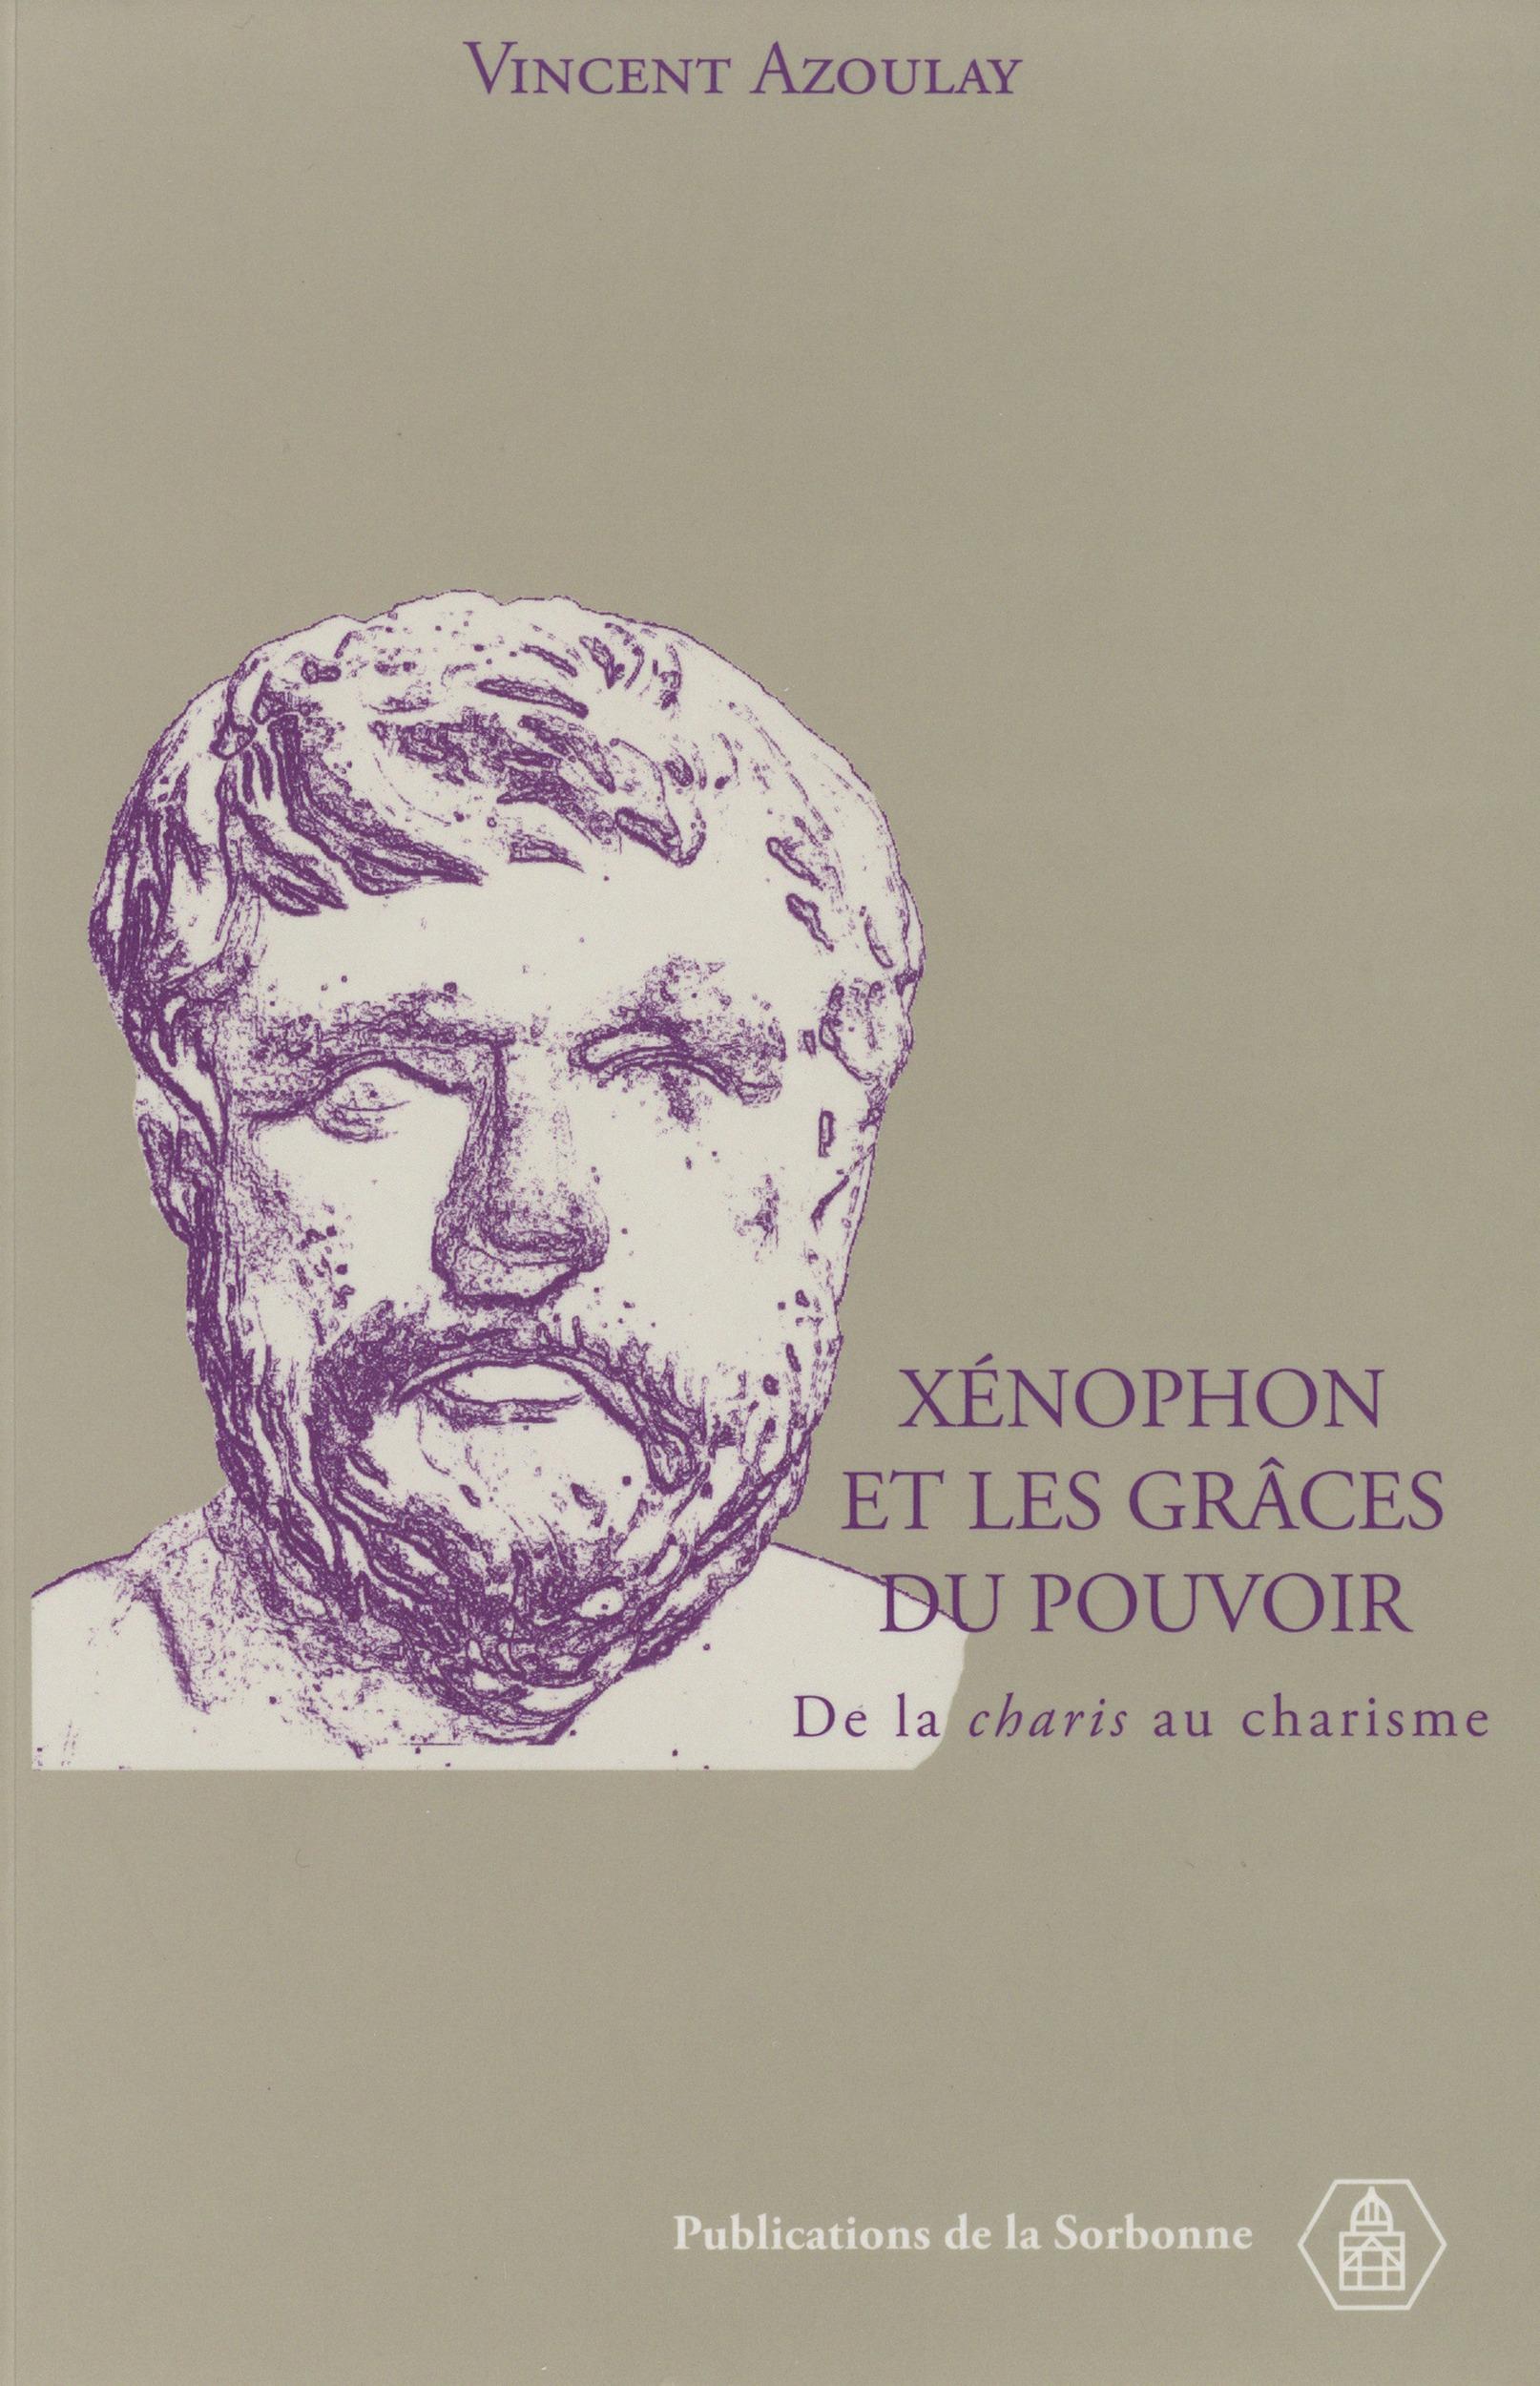 xenophon et les graces du pouvoir - de la charis au charisme